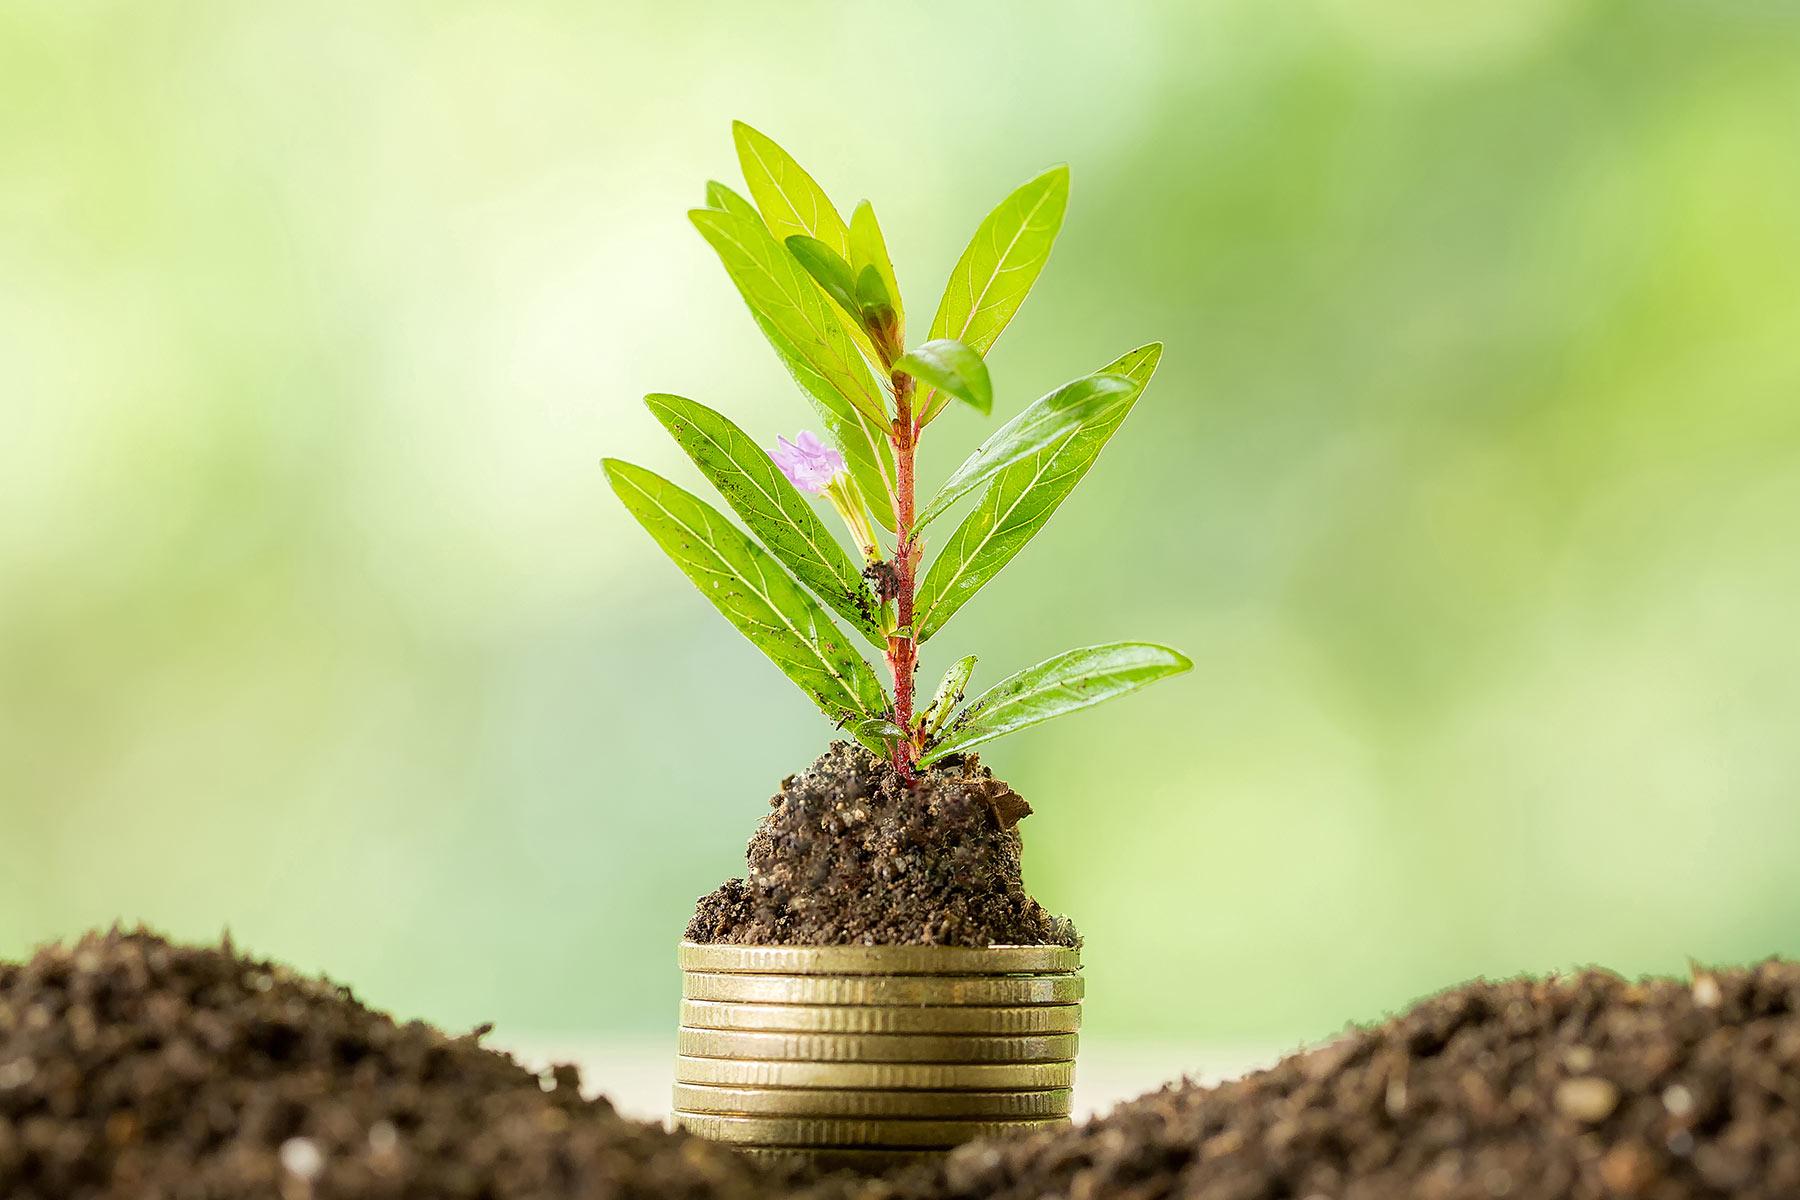 Економіка та екологія: врятувати одне, не знищивши інше